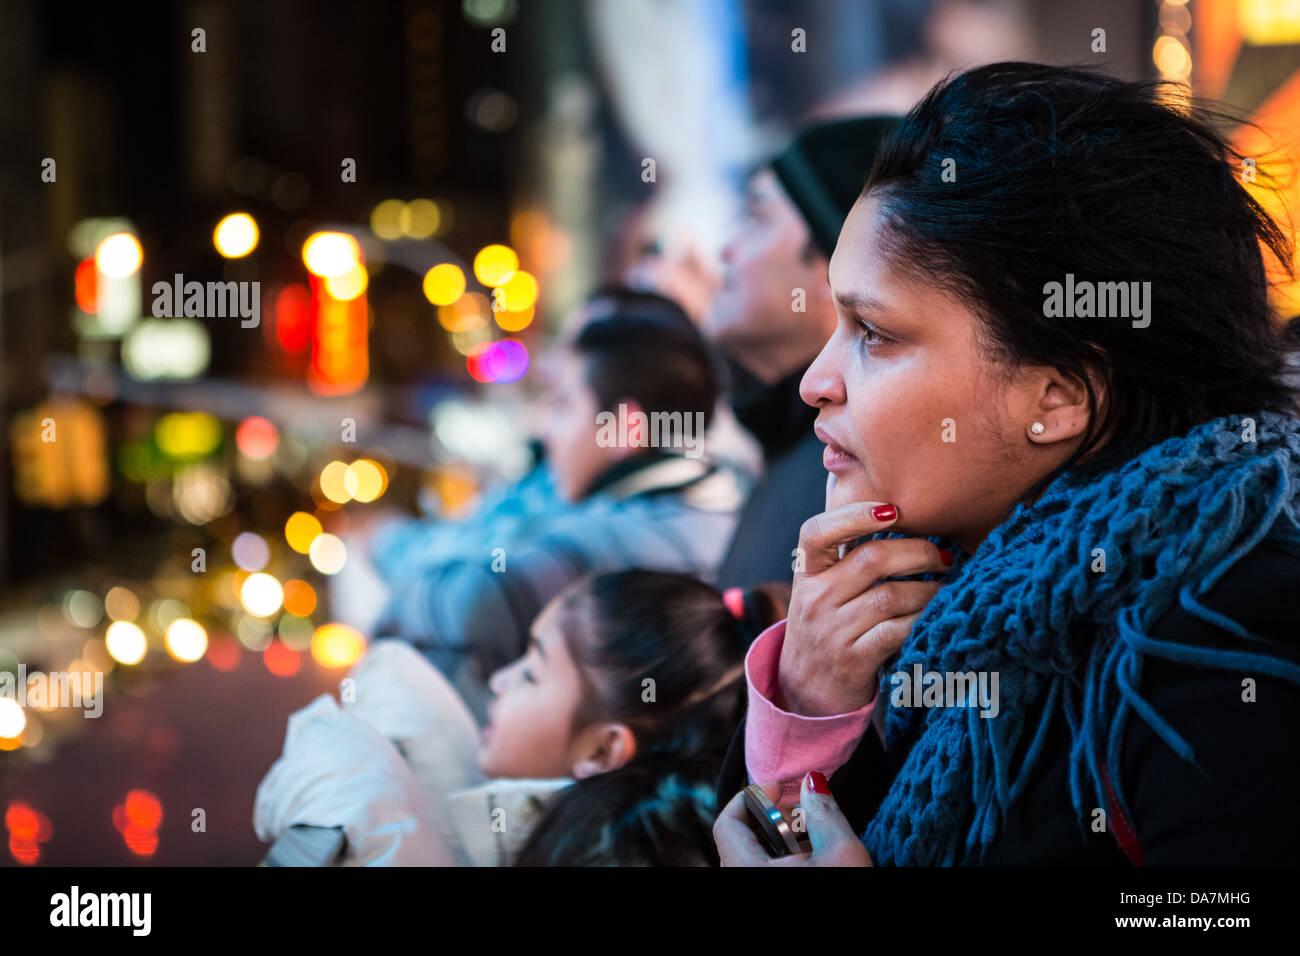 Portrait de profil d'un Times Square touristique avec les lumières de la ville en arrière-plan Photo Stock